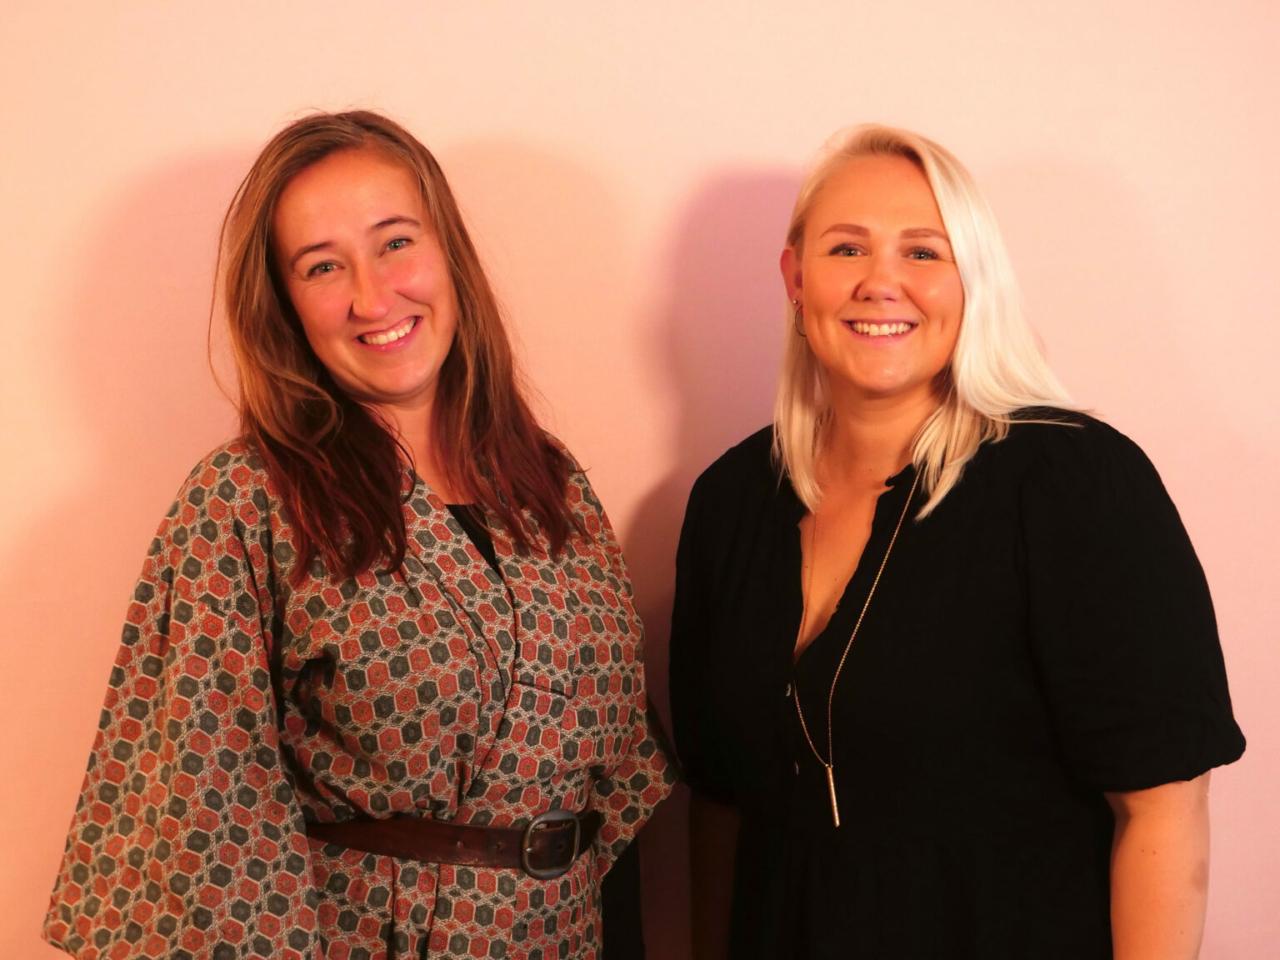 Laura Vilsgaard og Cecilie Schmeichel til Storydays